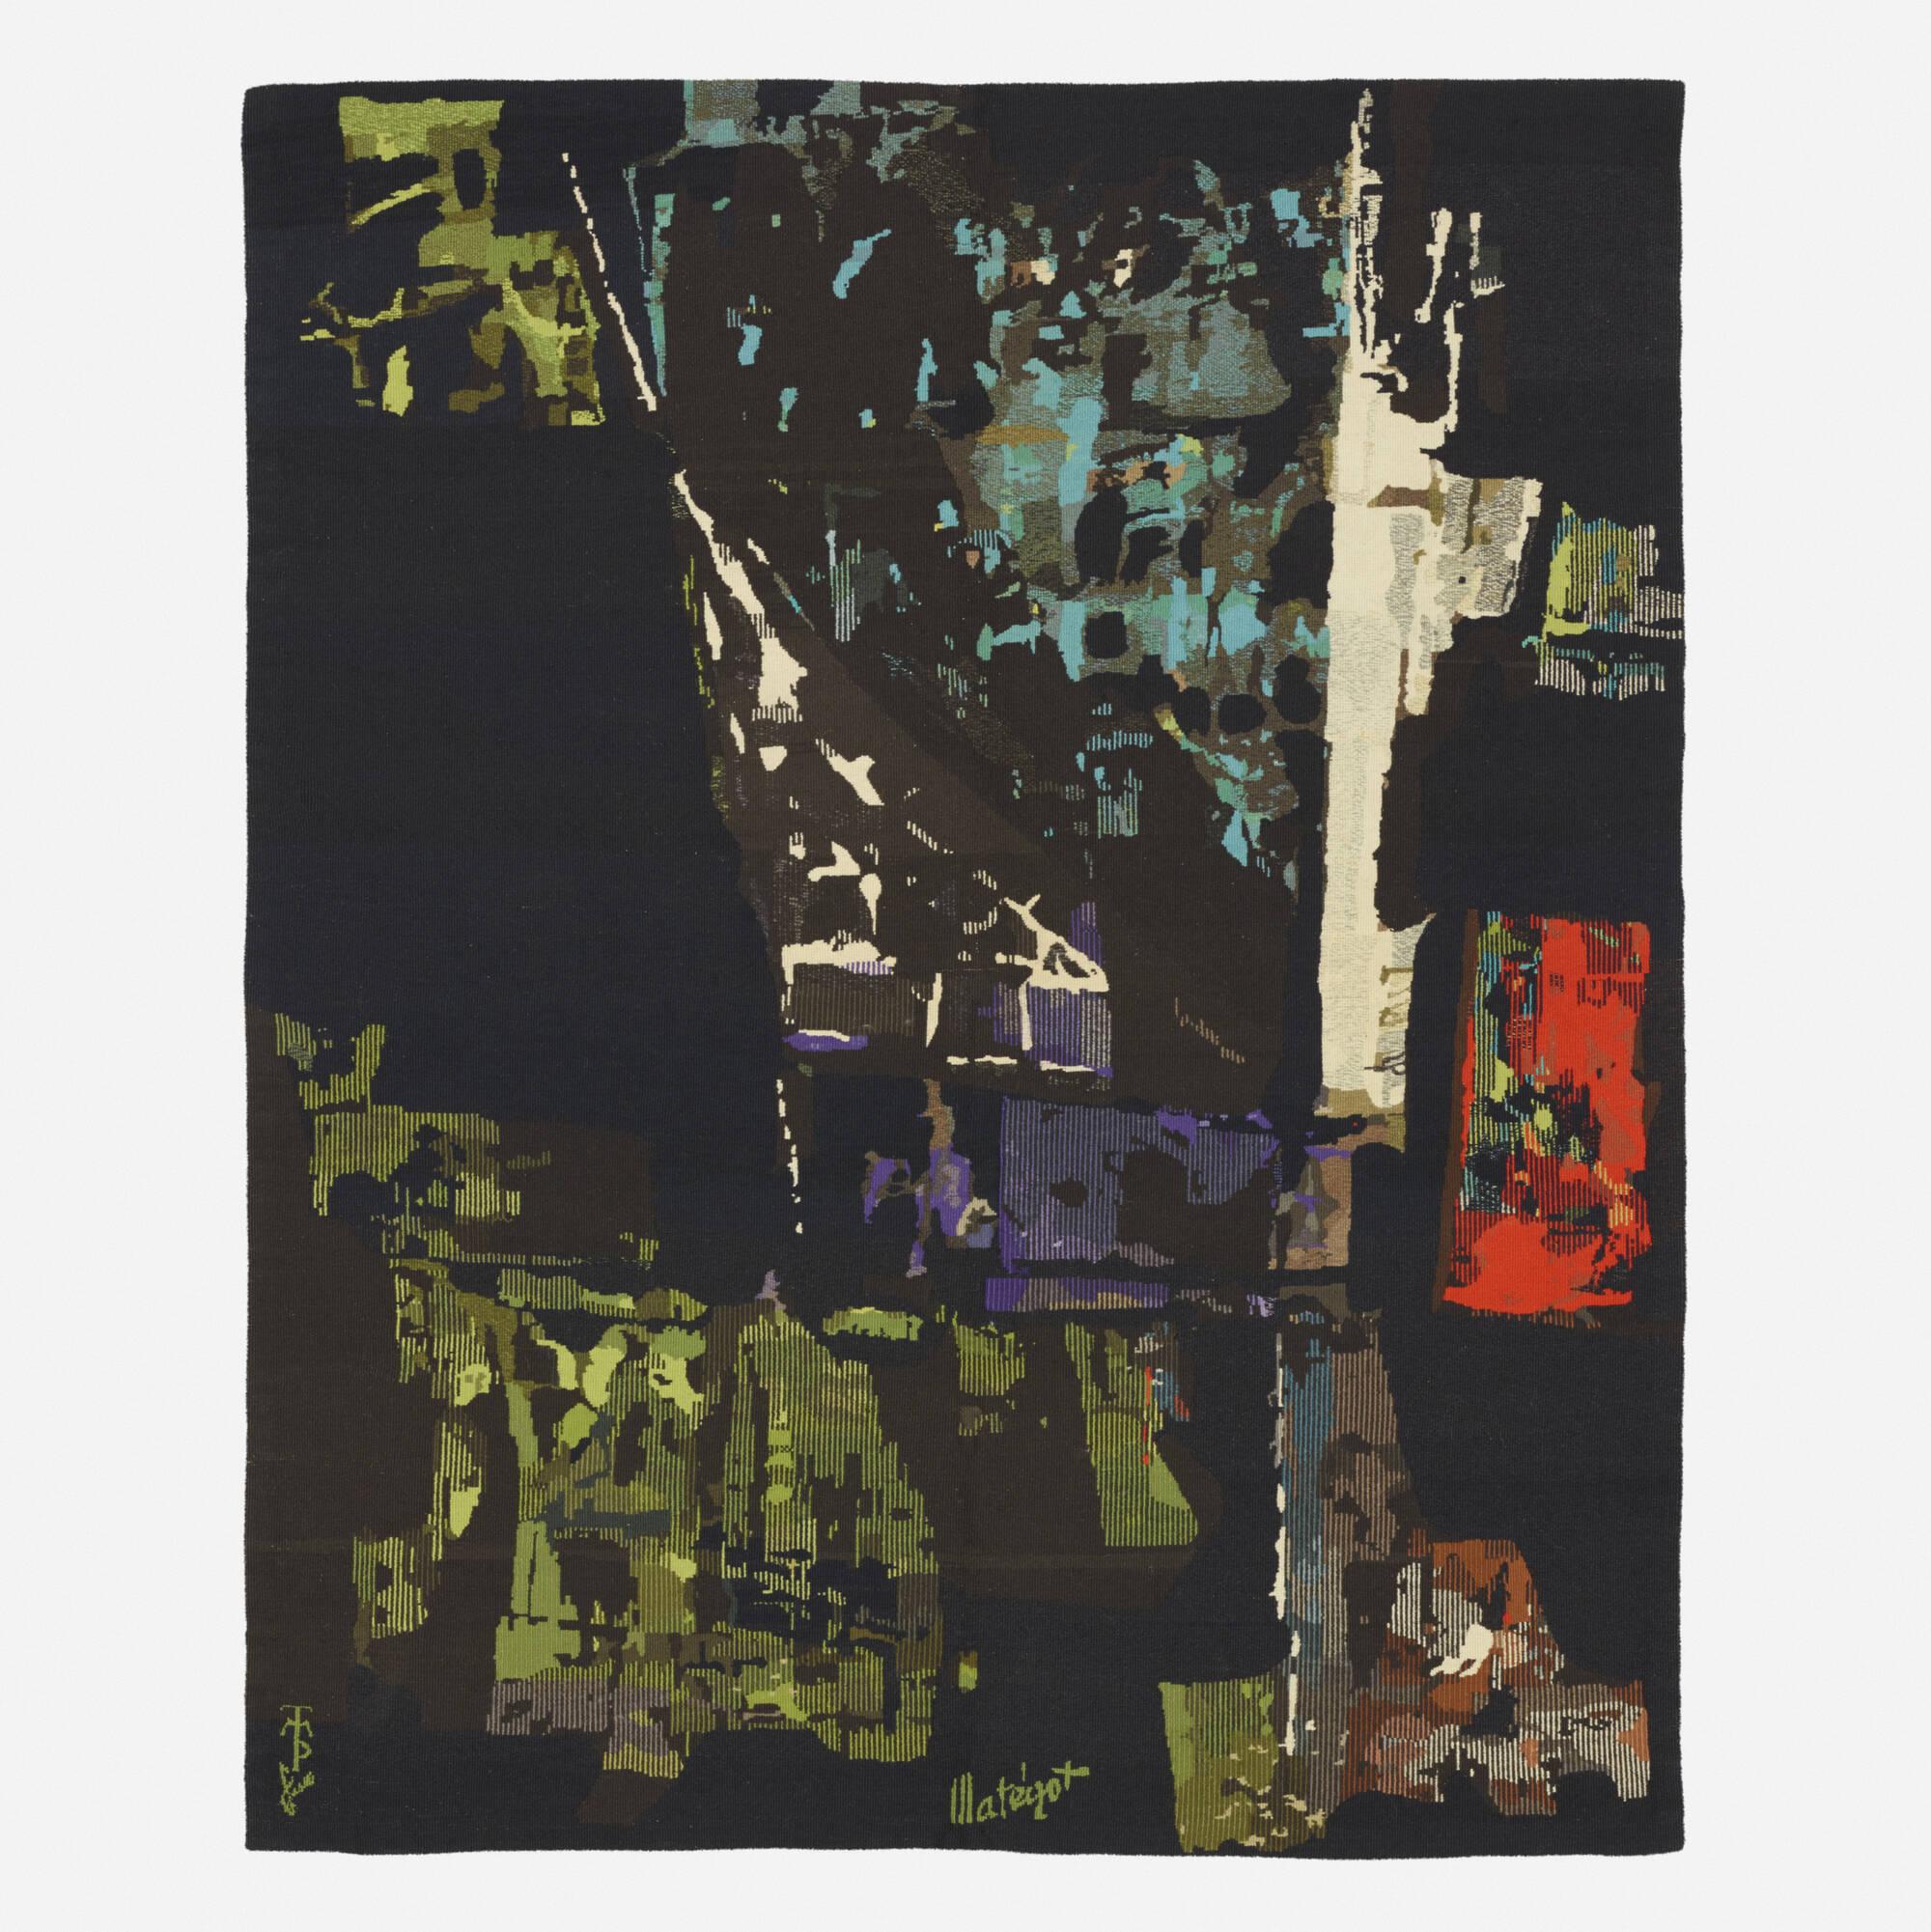 116: Mathieu Matégot / Sirius tapestry (1 of 2)